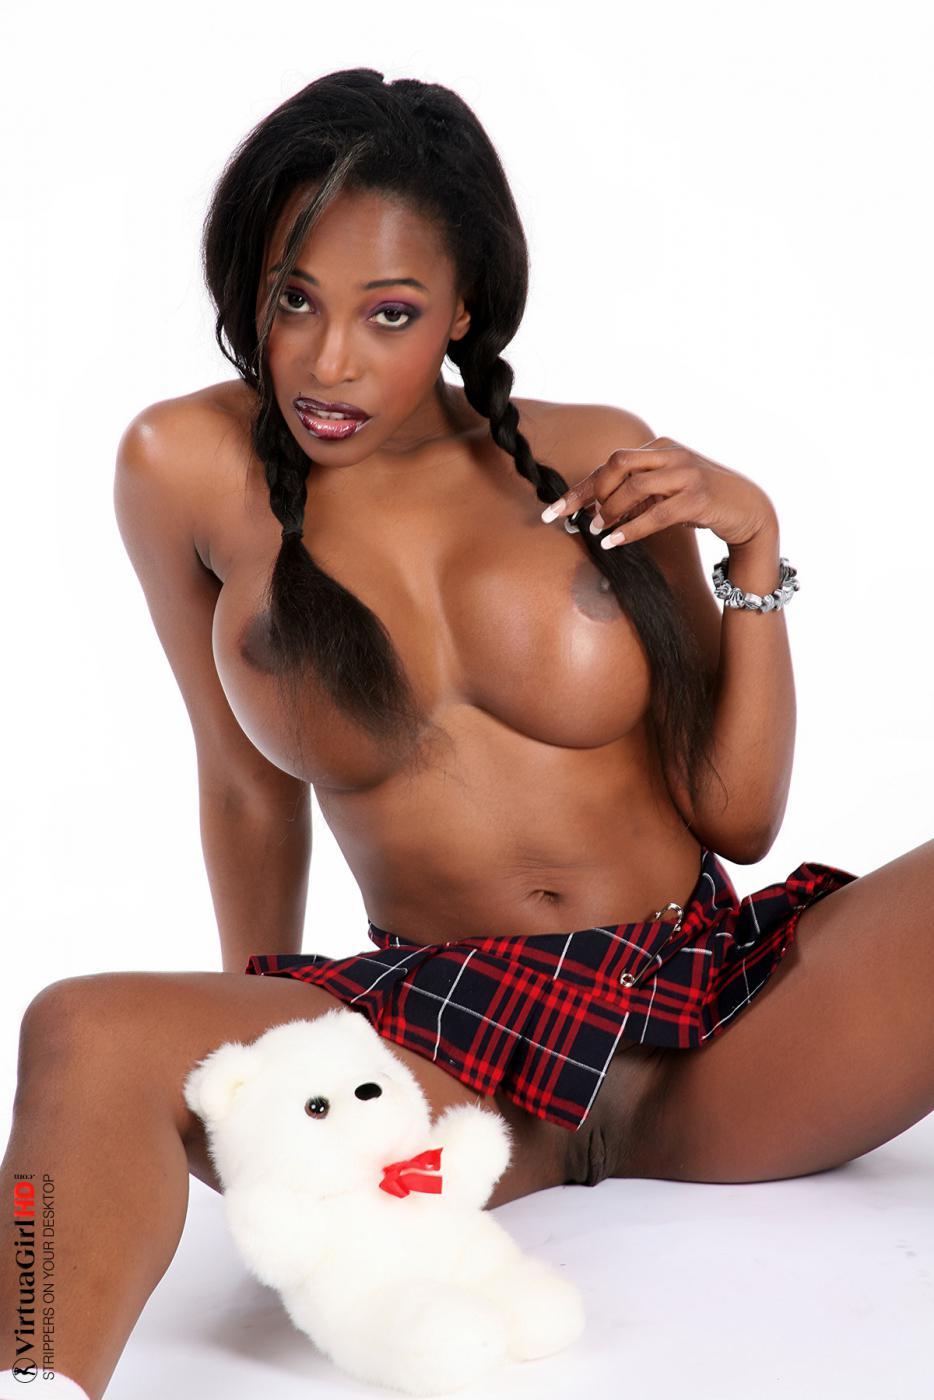 Идеальная африканка с огромными титьками Feline Wood показывает свою красивую соблазнтельную сраку